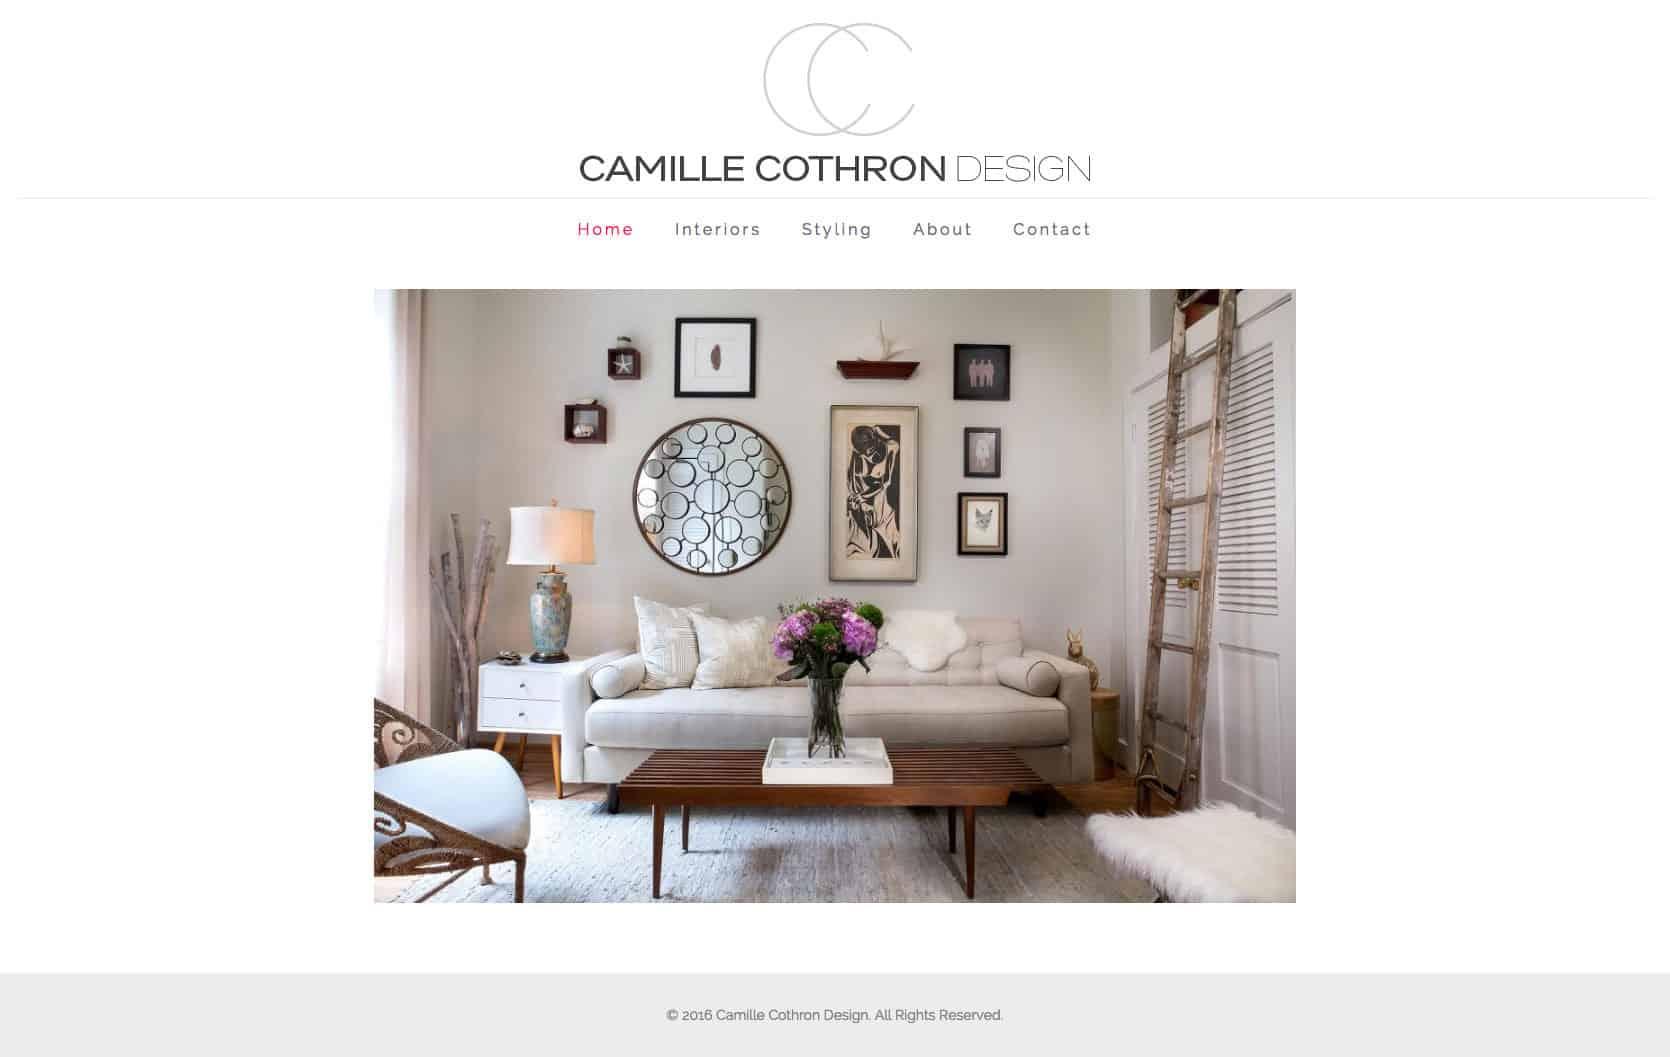 Camille_Cothron_Design_home